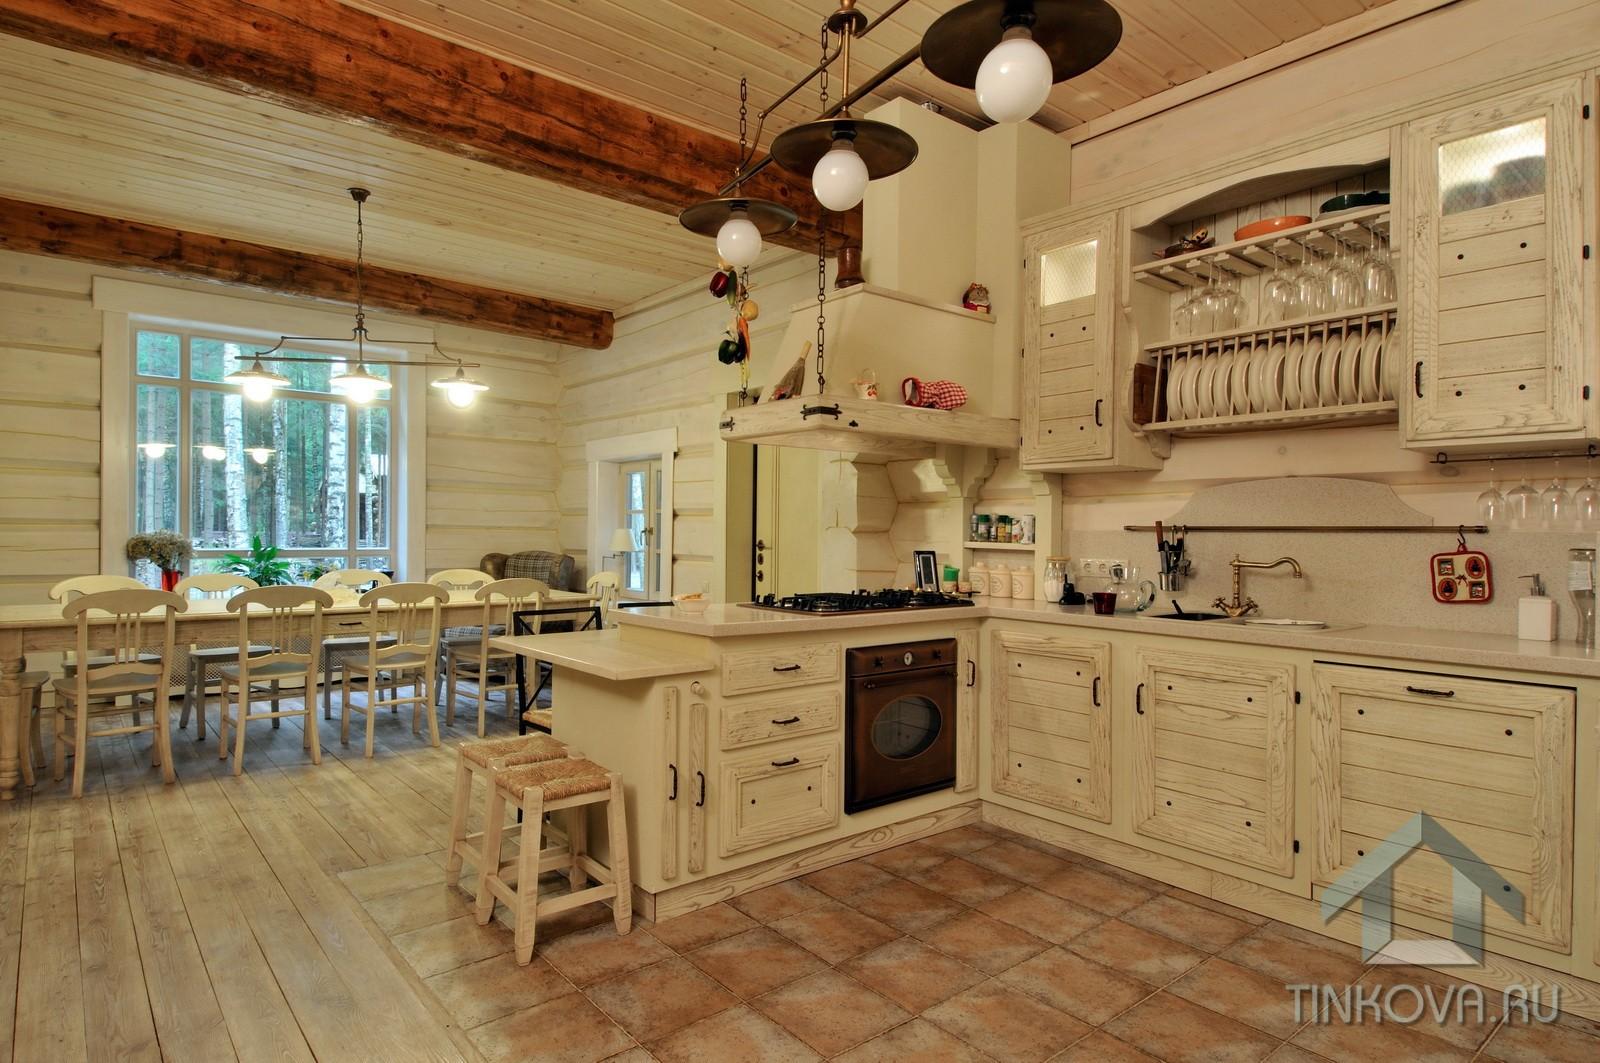 Кухня столовая в стиле шале